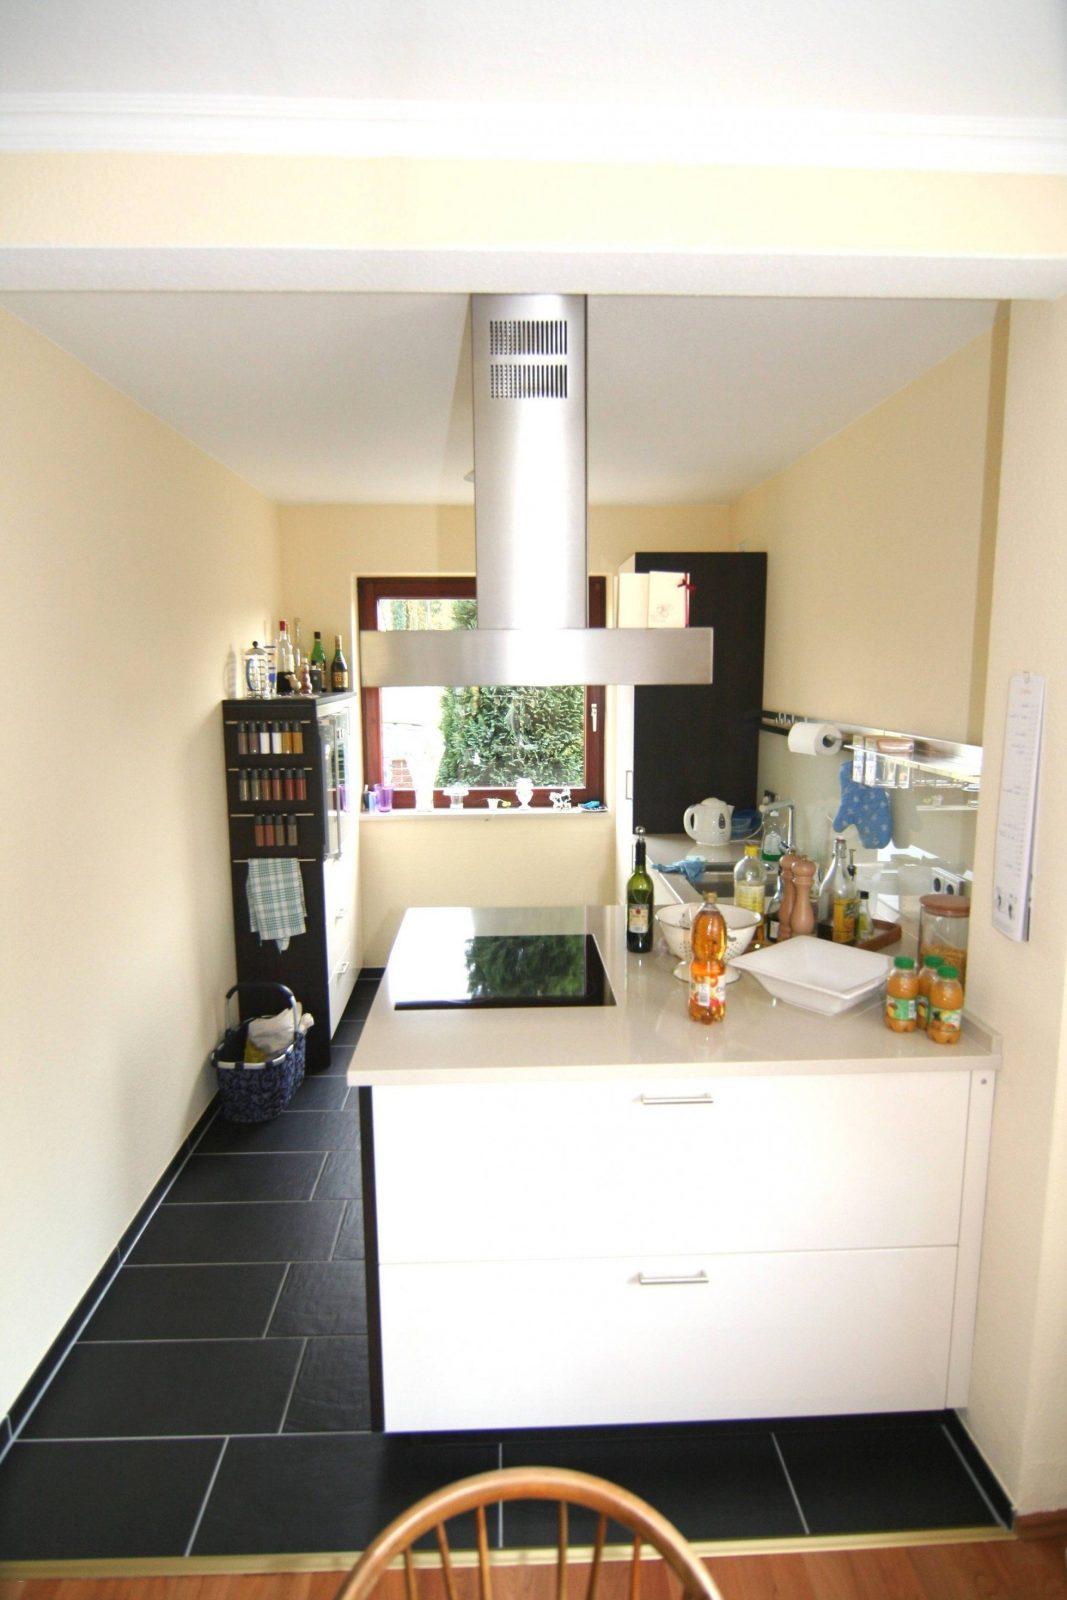 Fein Kleiner Raum Küche Ideen  Küchen Ideen Modern von Küche Kleiner Raum Modern Bild